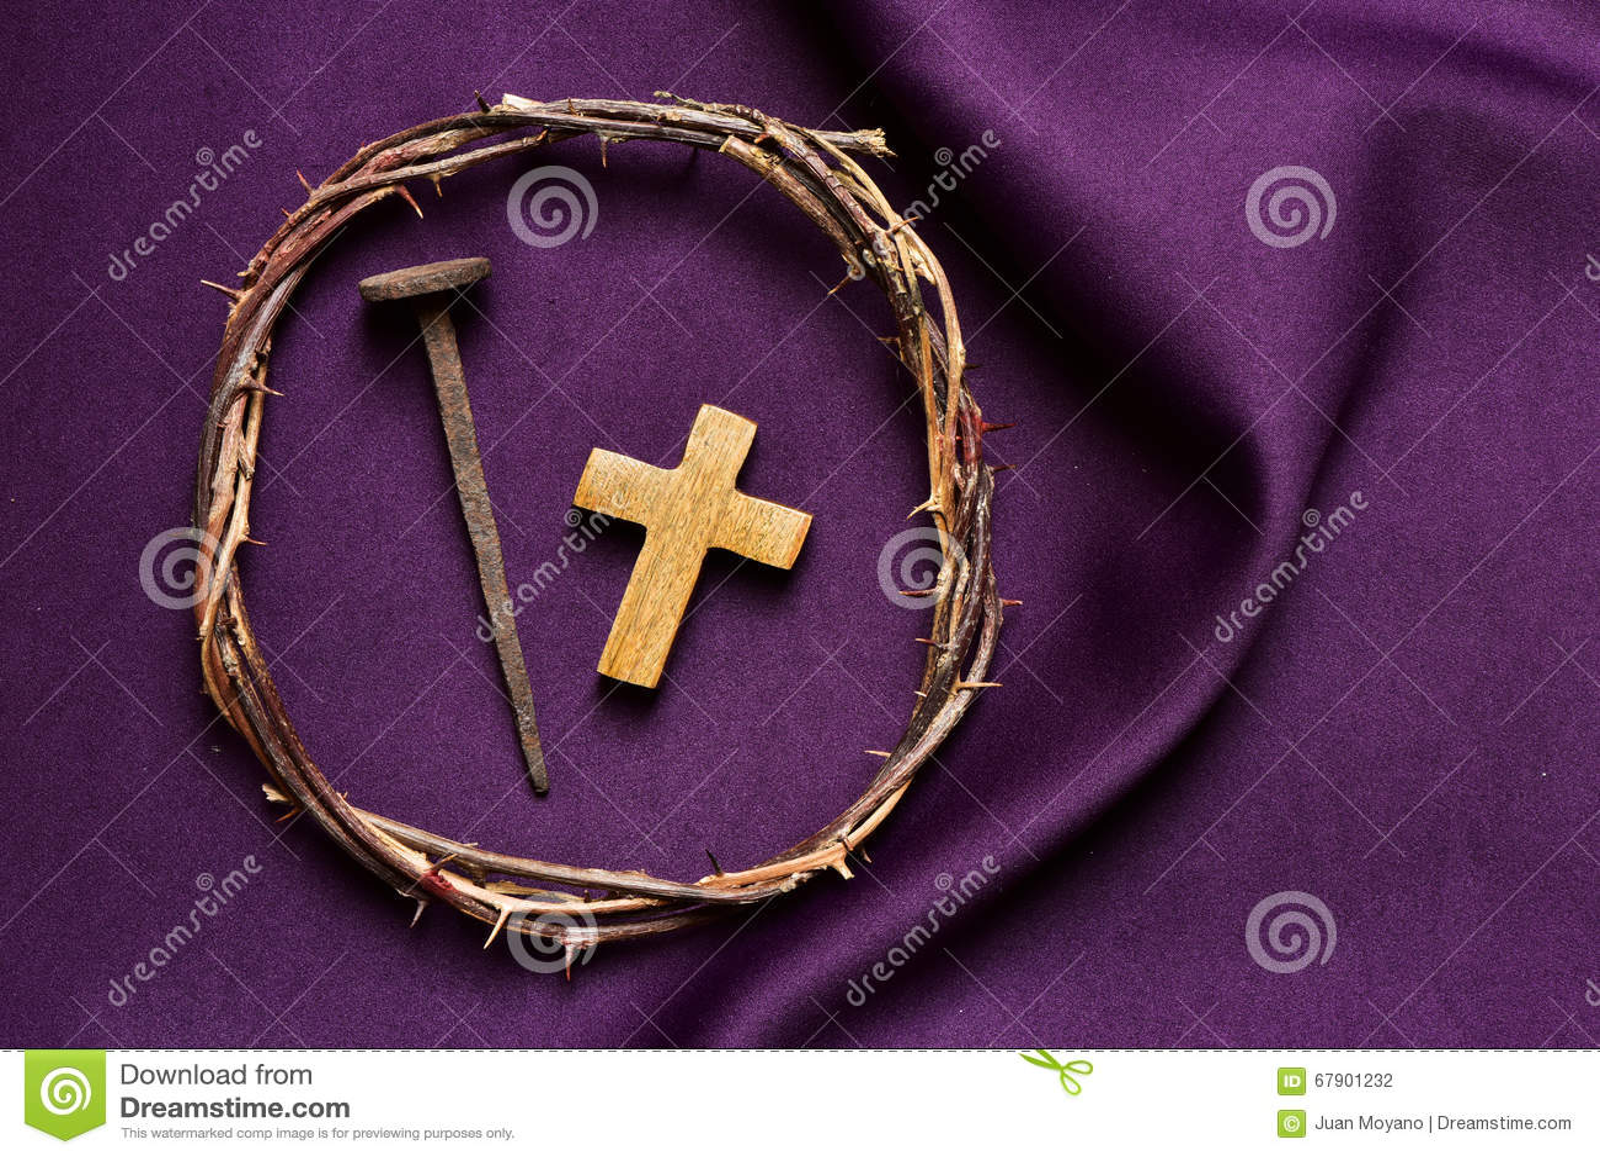 Χριστιανικός σταυρός, καρφί και η κορώνα των αγκαθιών του Ιησούς Χριστού